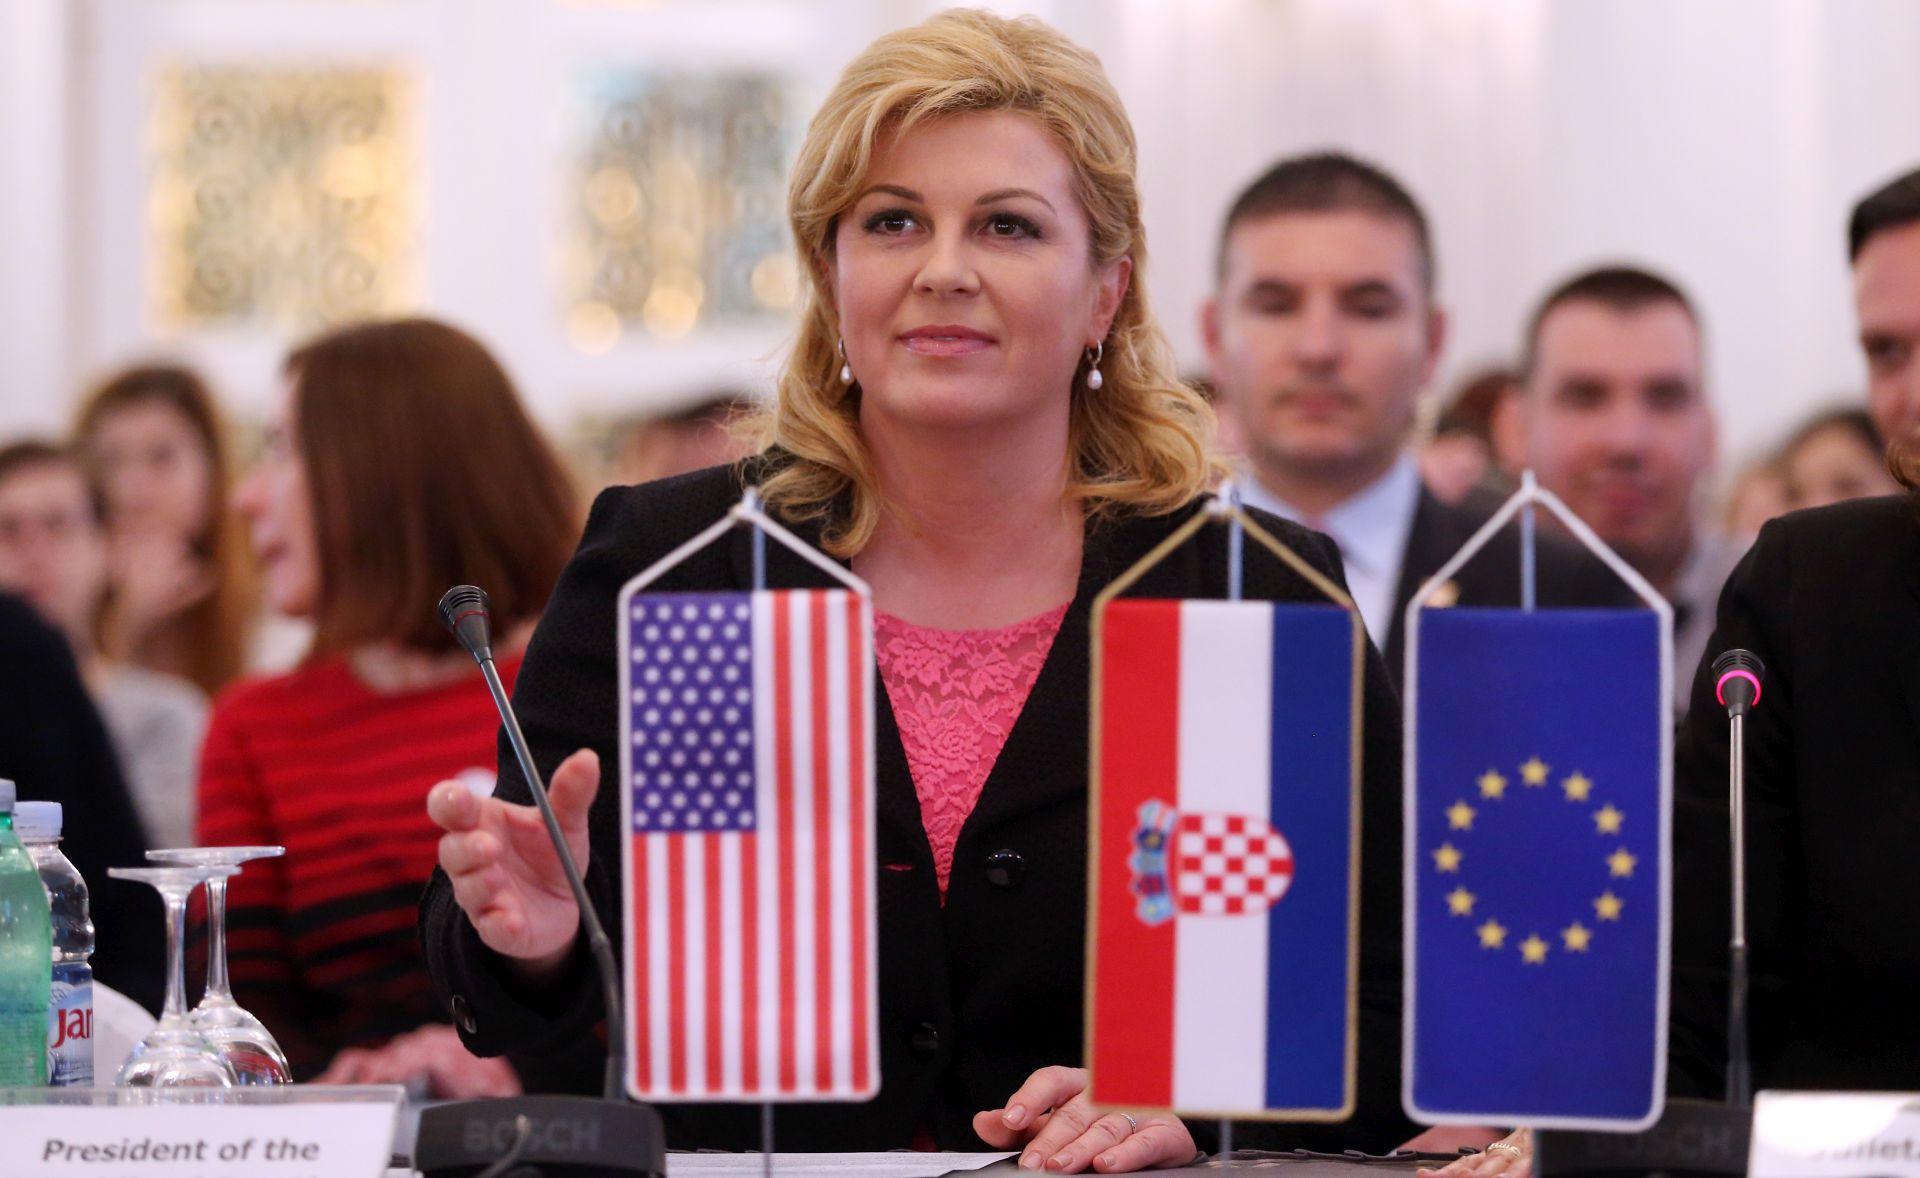 Stier pokrenuo istragu o curenju diplomatske bilješke, Pantovčak to pozdravio